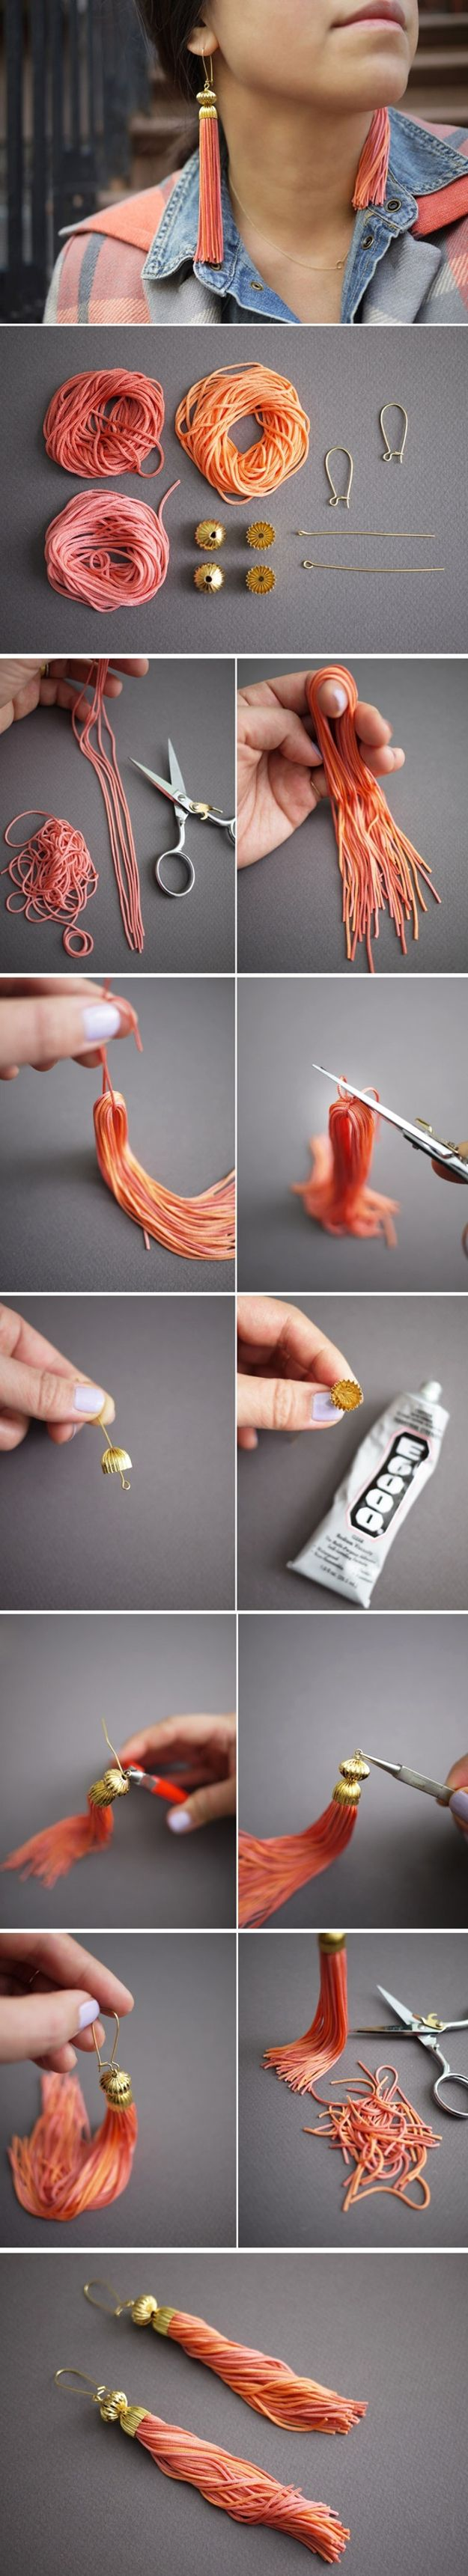 How to Make Tassel Earrings | A really cool step by step guide to make these amazing tassel earrings. #DiyReady www.diyready.com